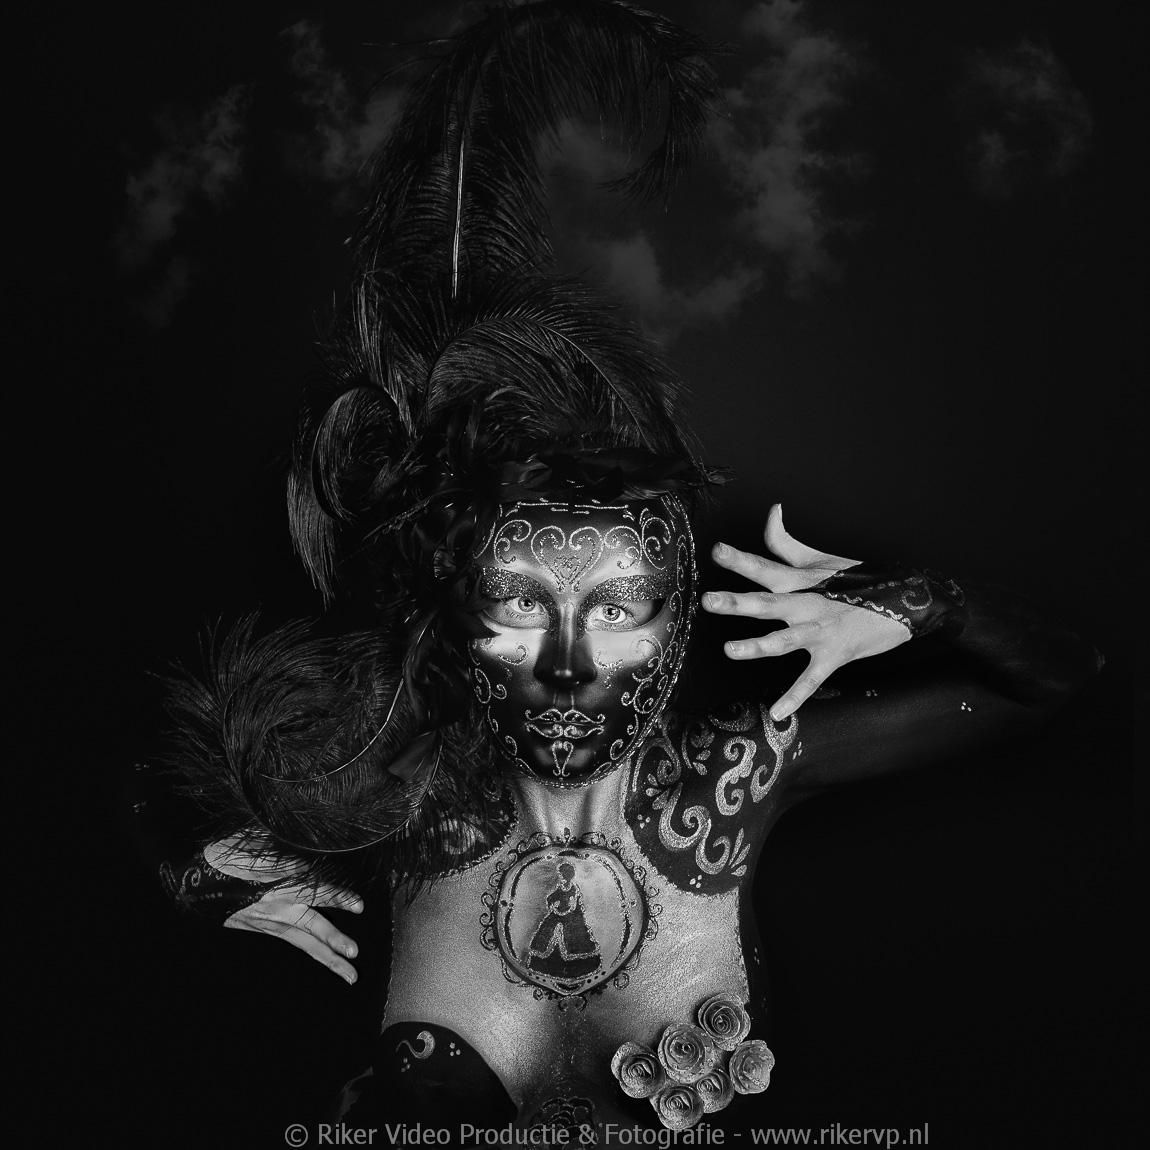 creatief-portretfotograaf-in-zwijndrecht-dordrecht-rotterdam-zuid-holland